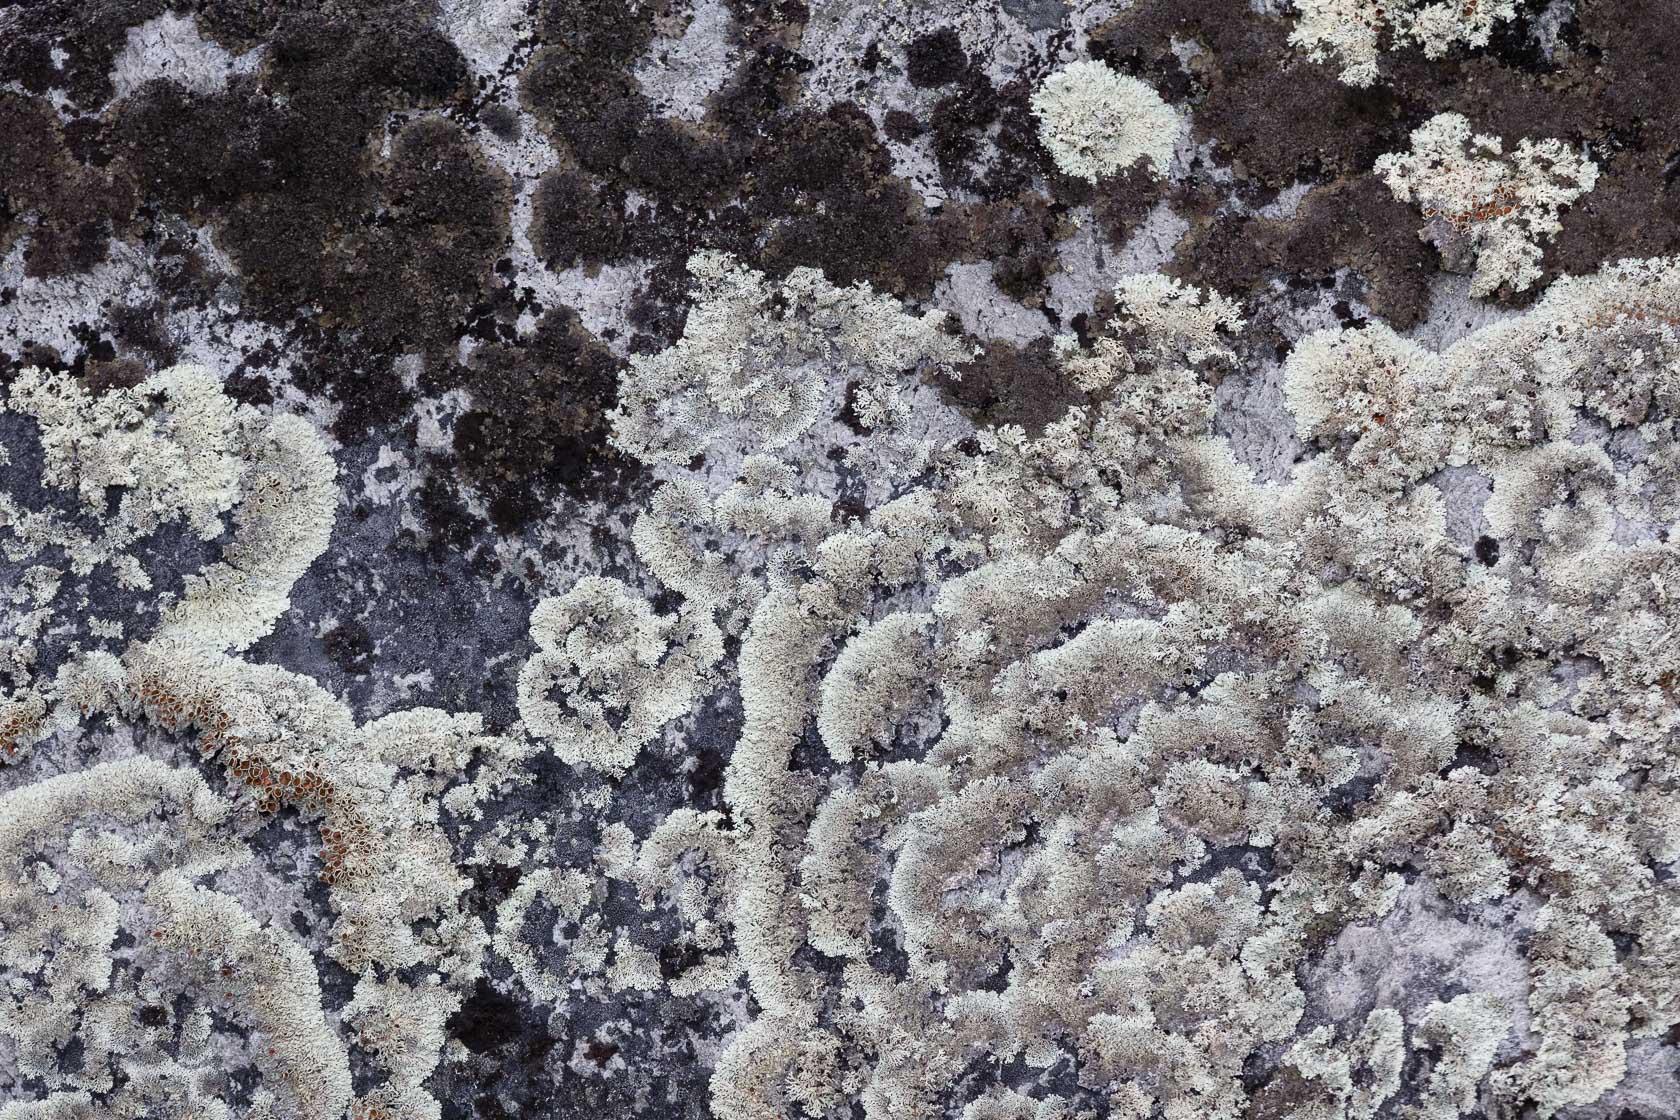 lichens sur un rocher dans le parc de Dovrefjell